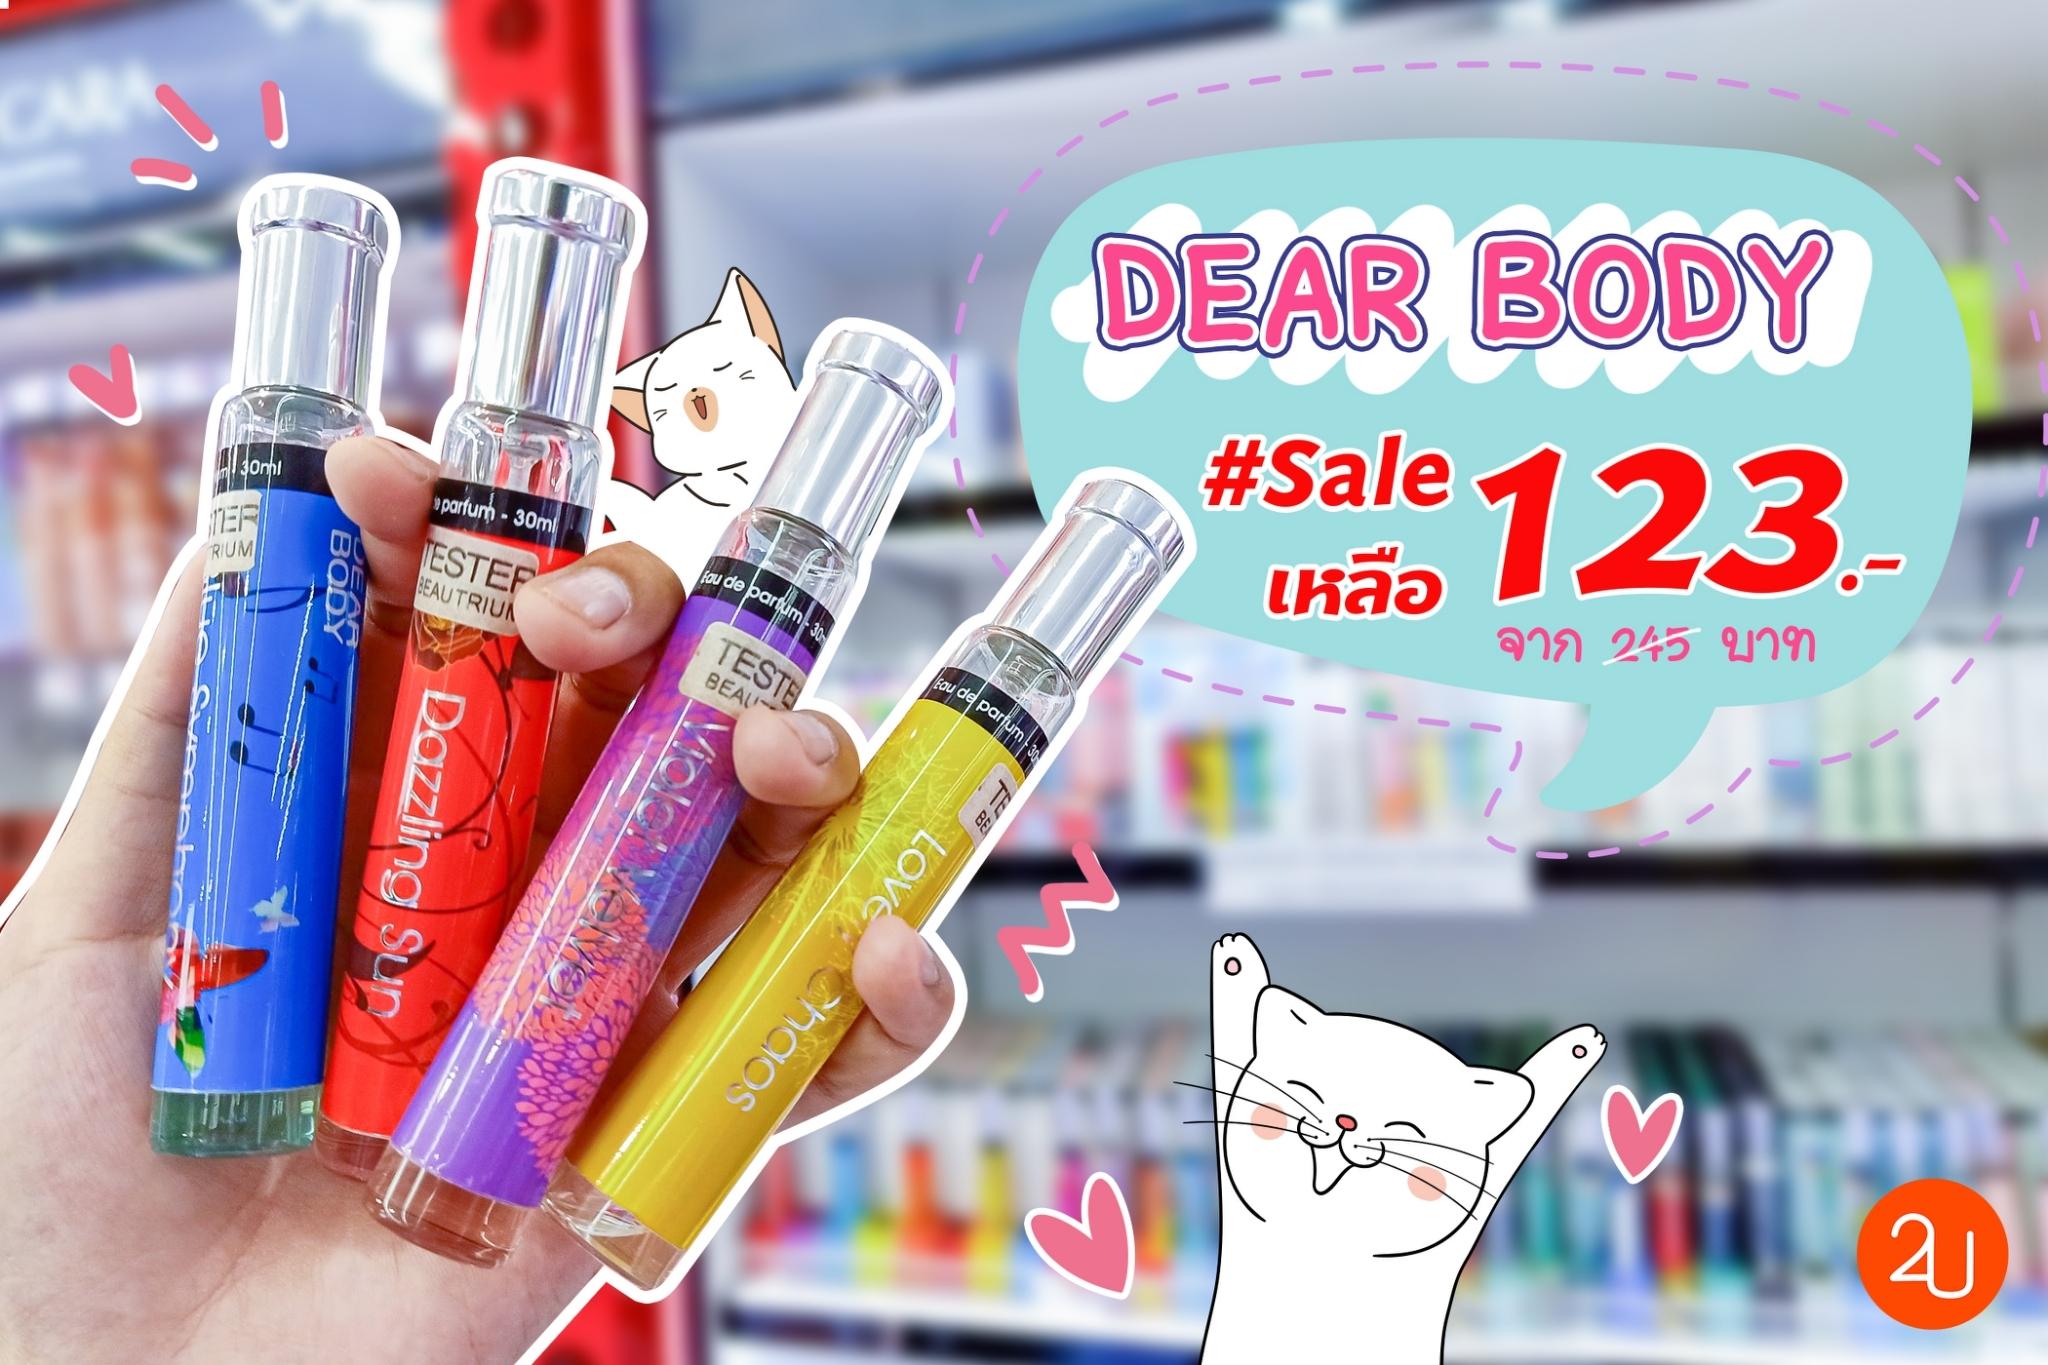 Promotion Dear Body Eau de parfum sale 123 bath (1)